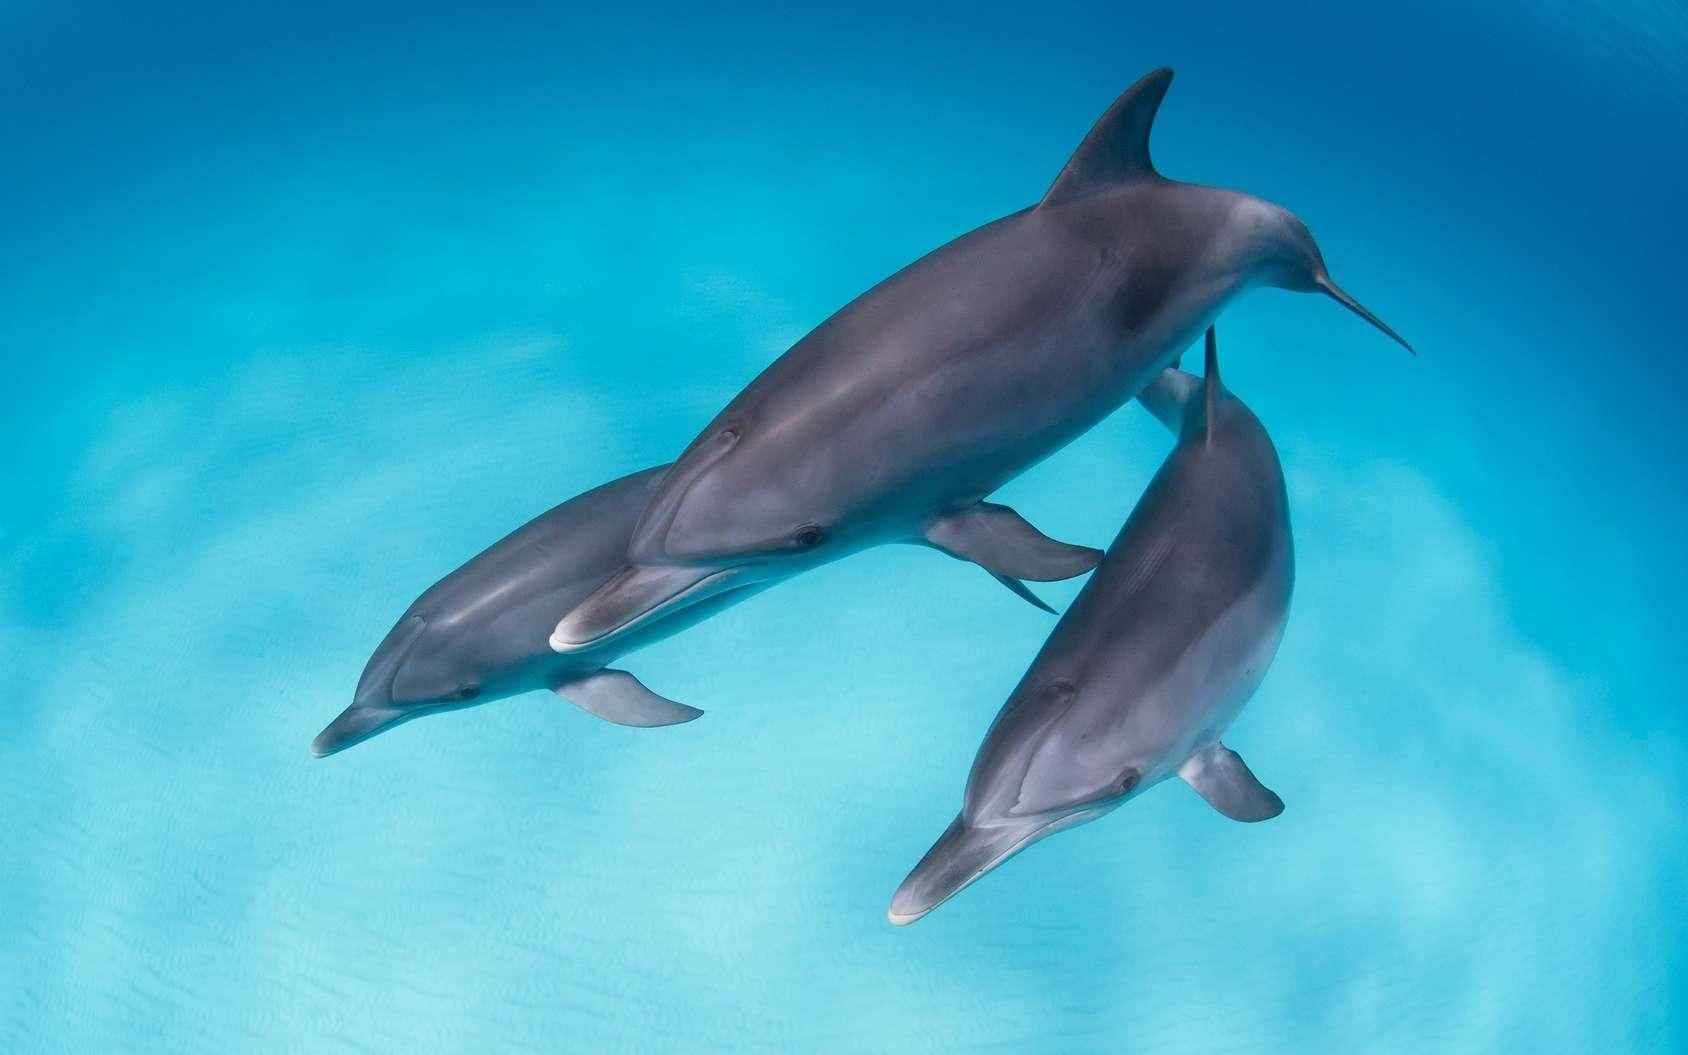 Les dauphins d'Adelaïde ne pratiquent plus le « tail-walking ». © VisionDive, Fotolia